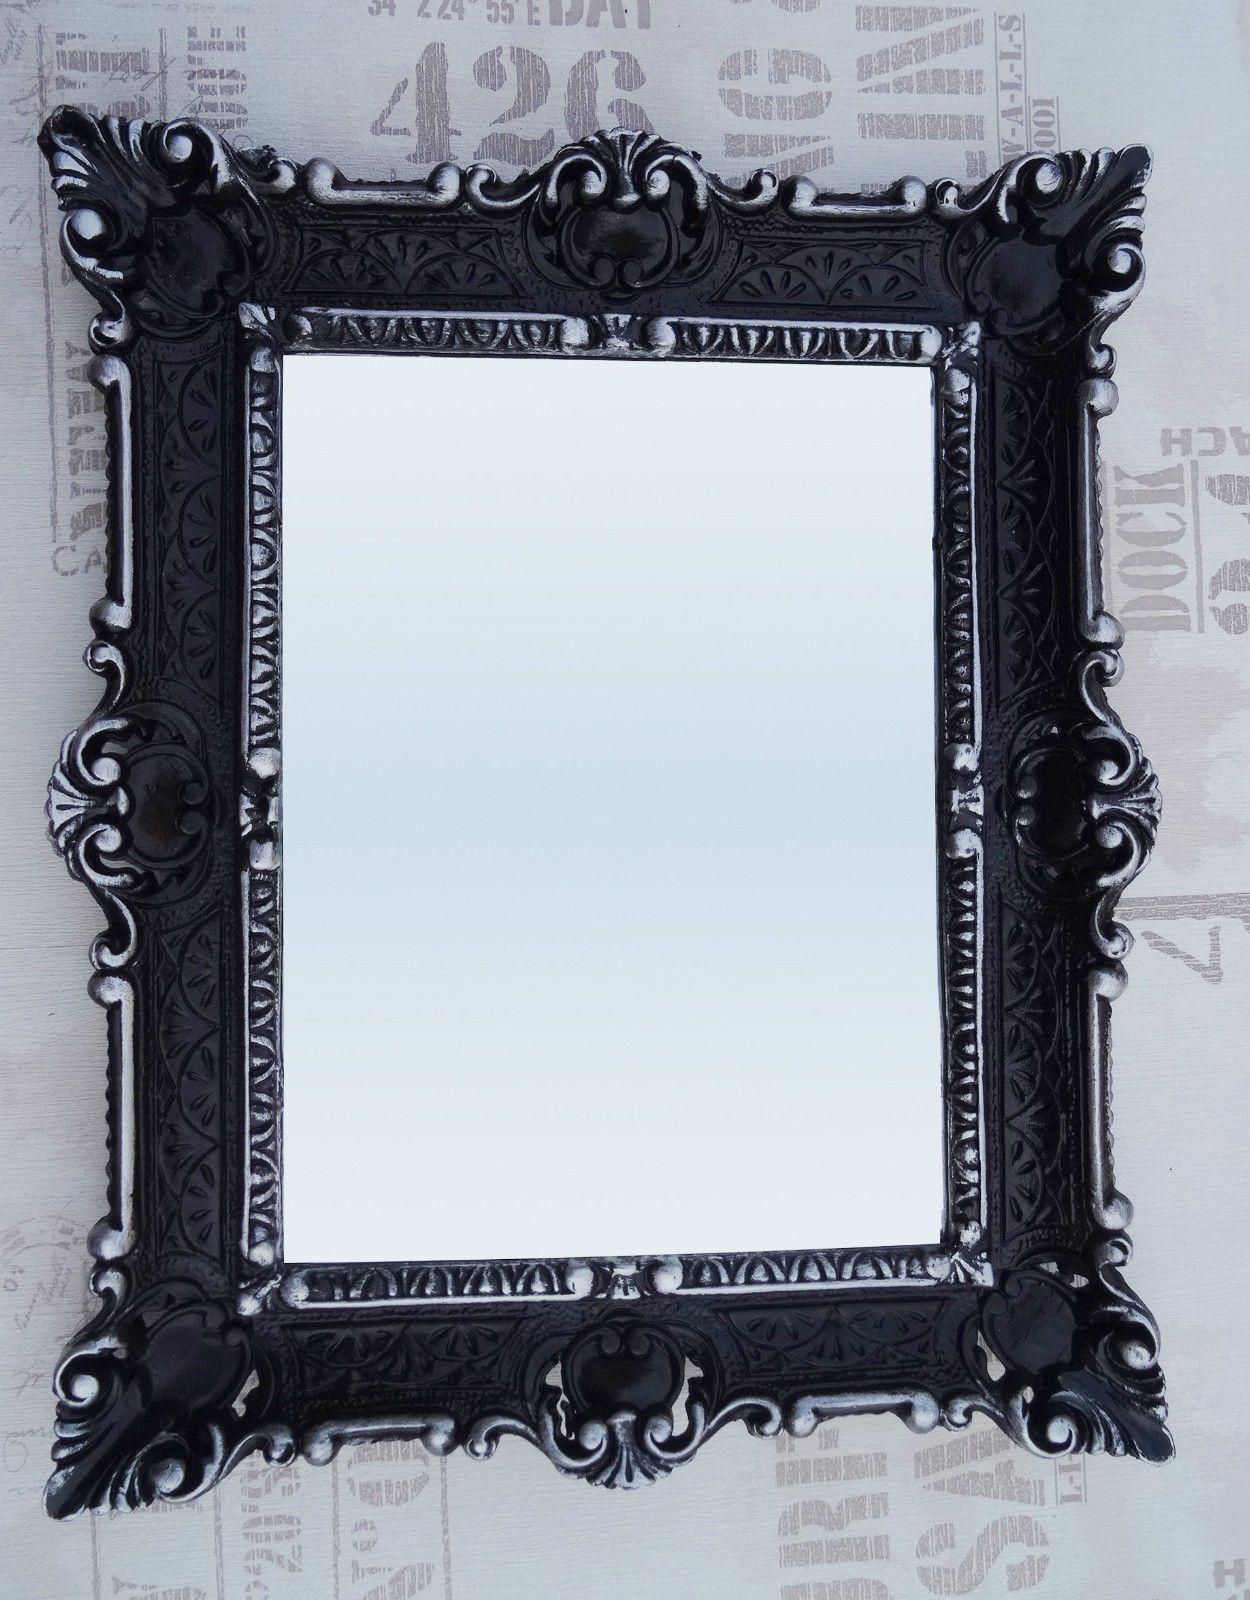 http://www.ebay.de/itm/WANDSPIEGEL-56x46-SCHWARZ-SILBER-ANTIK-BAROCK ...